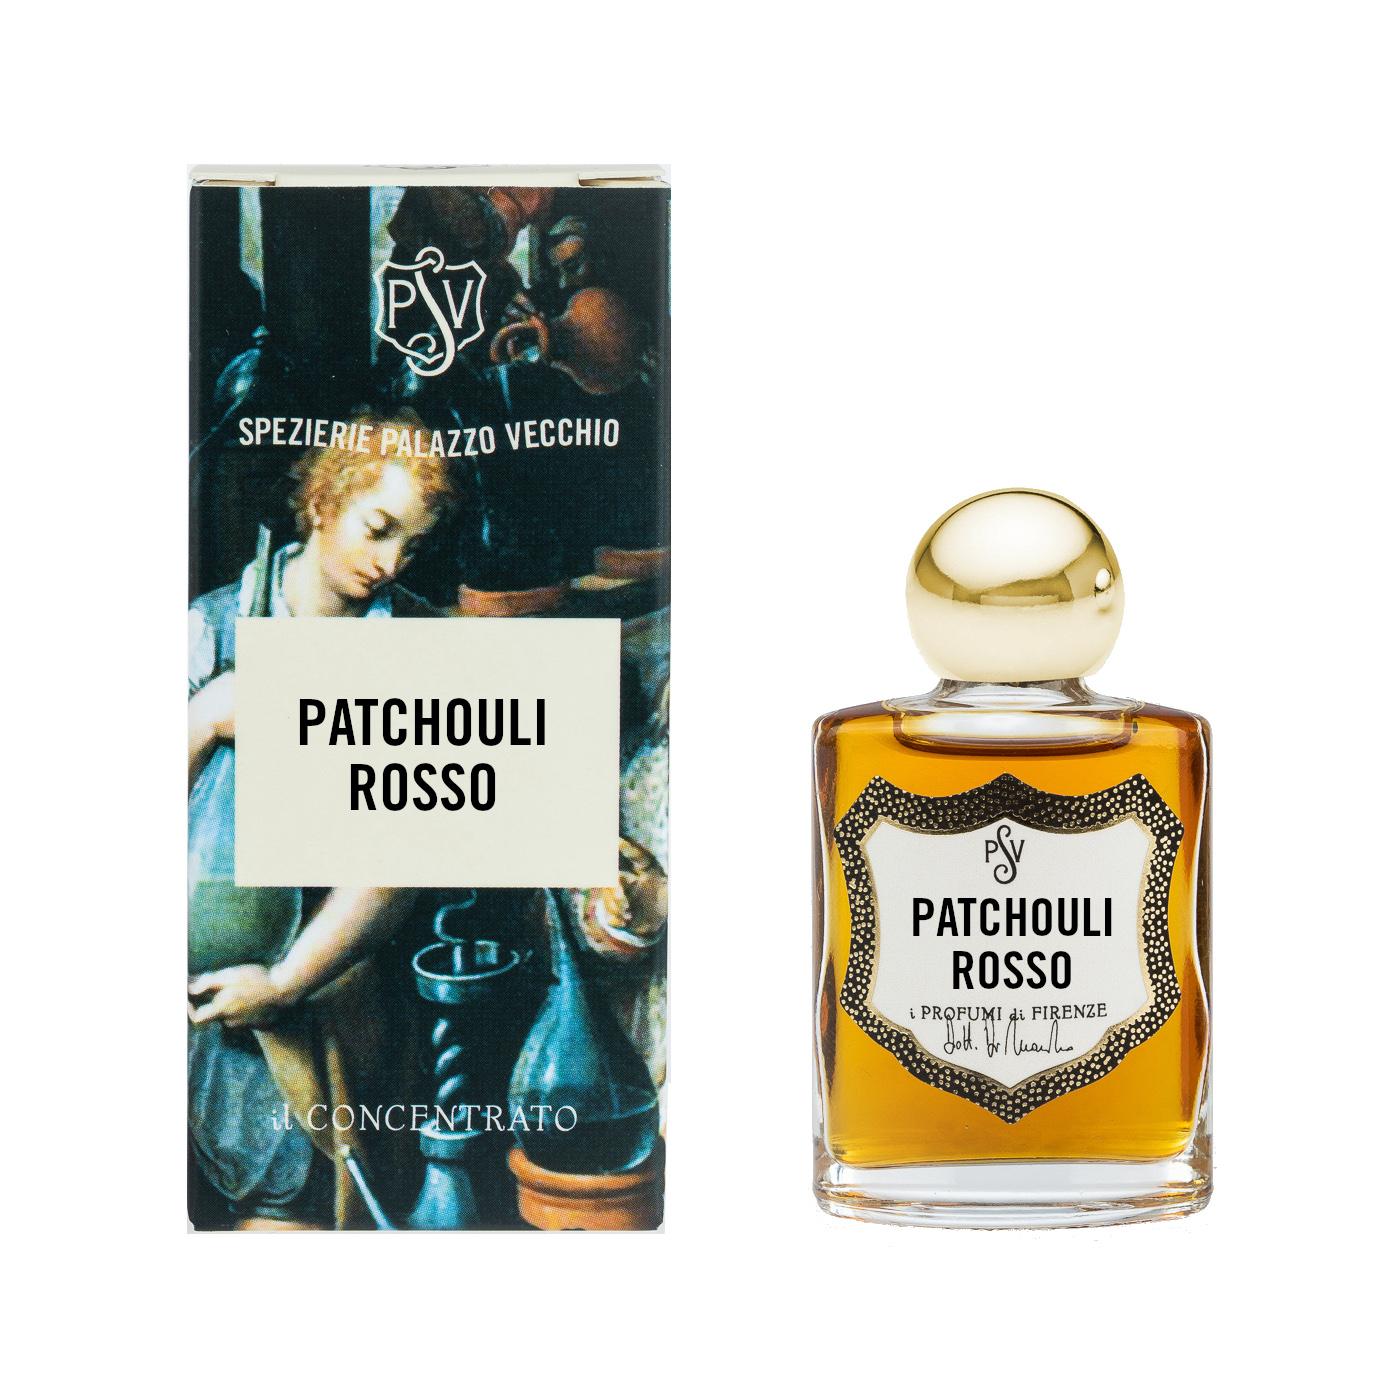 PATCHOULI ROSSO - Il Concentrato -3808